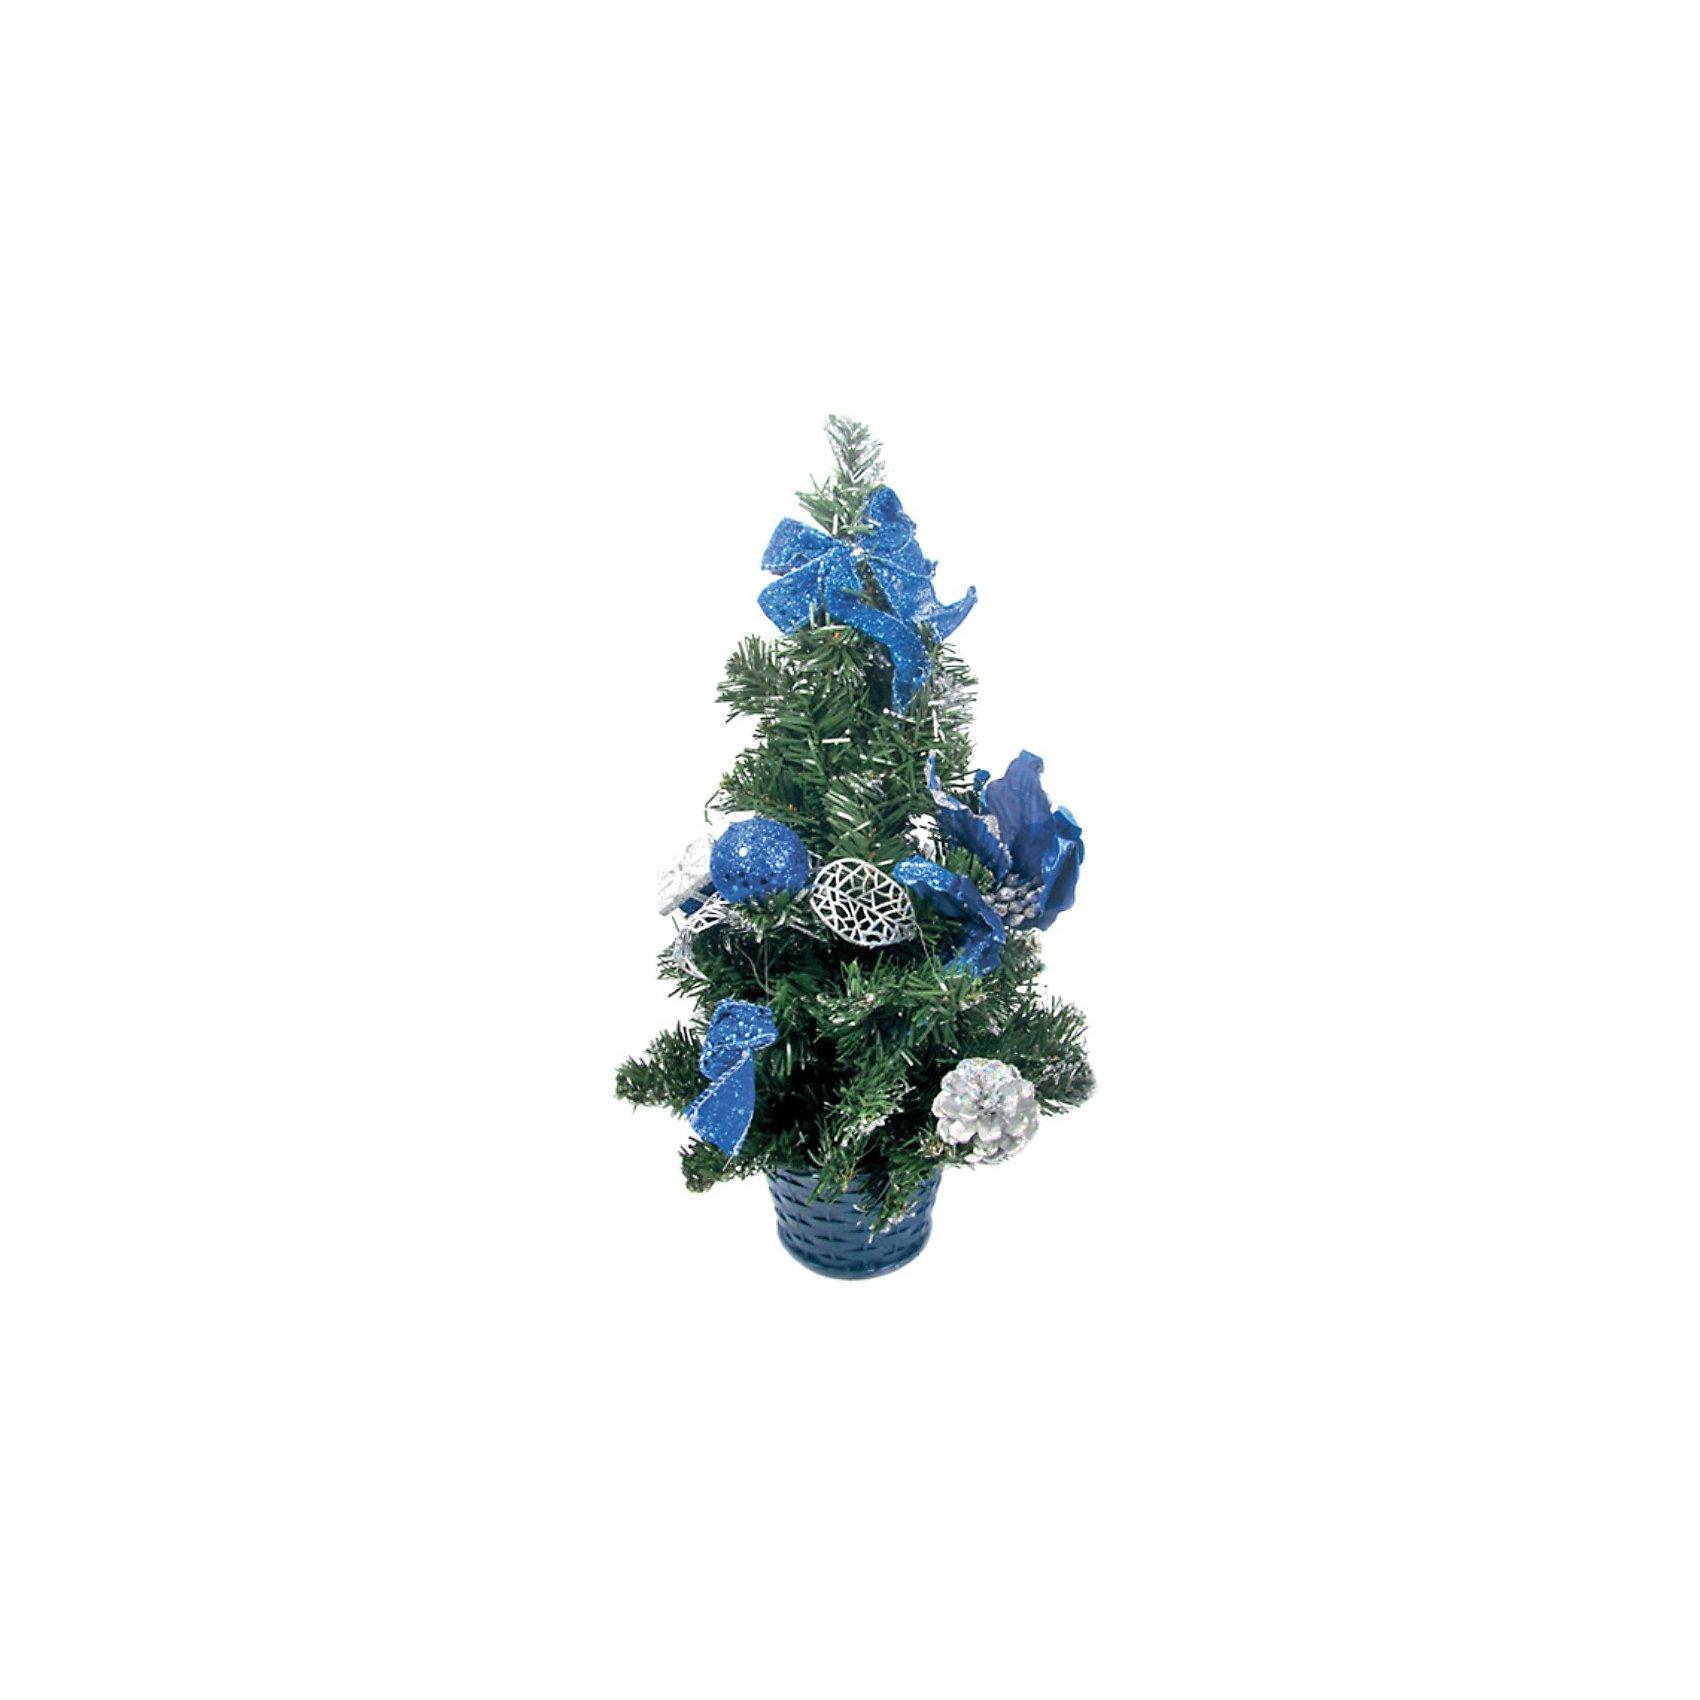 Елка декоративная с синими украшениями, 40 см., TUKZARИскусственные ёлки<br>Елка декоративная с синими украшениями, 40 см.<br>Эта ёлка отлично подойдет для тех, кто ищет альтернативу живым ёлкам. Благодаря компактному размеру ёлку можно поставить в любой комнате. Ёлка украшена красивыми игрушками - бантами, цветами, шариками и шишками. Под такой ёлкой Деду Морозу обязательно захочется оставить желанные подарки!  <br><br>Дополнительная информация:  <br>Высота ёлки: 40 см.<br>Размер упаковки (д/ш/в): 30х20х40 см.<br><br>Ширина мм: 200<br>Глубина мм: 200<br>Высота мм: 400<br>Вес г: 312<br>Возраст от месяцев: 36<br>Возраст до месяцев: 180<br>Пол: Унисекс<br>Возраст: Детский<br>SKU: 2572944